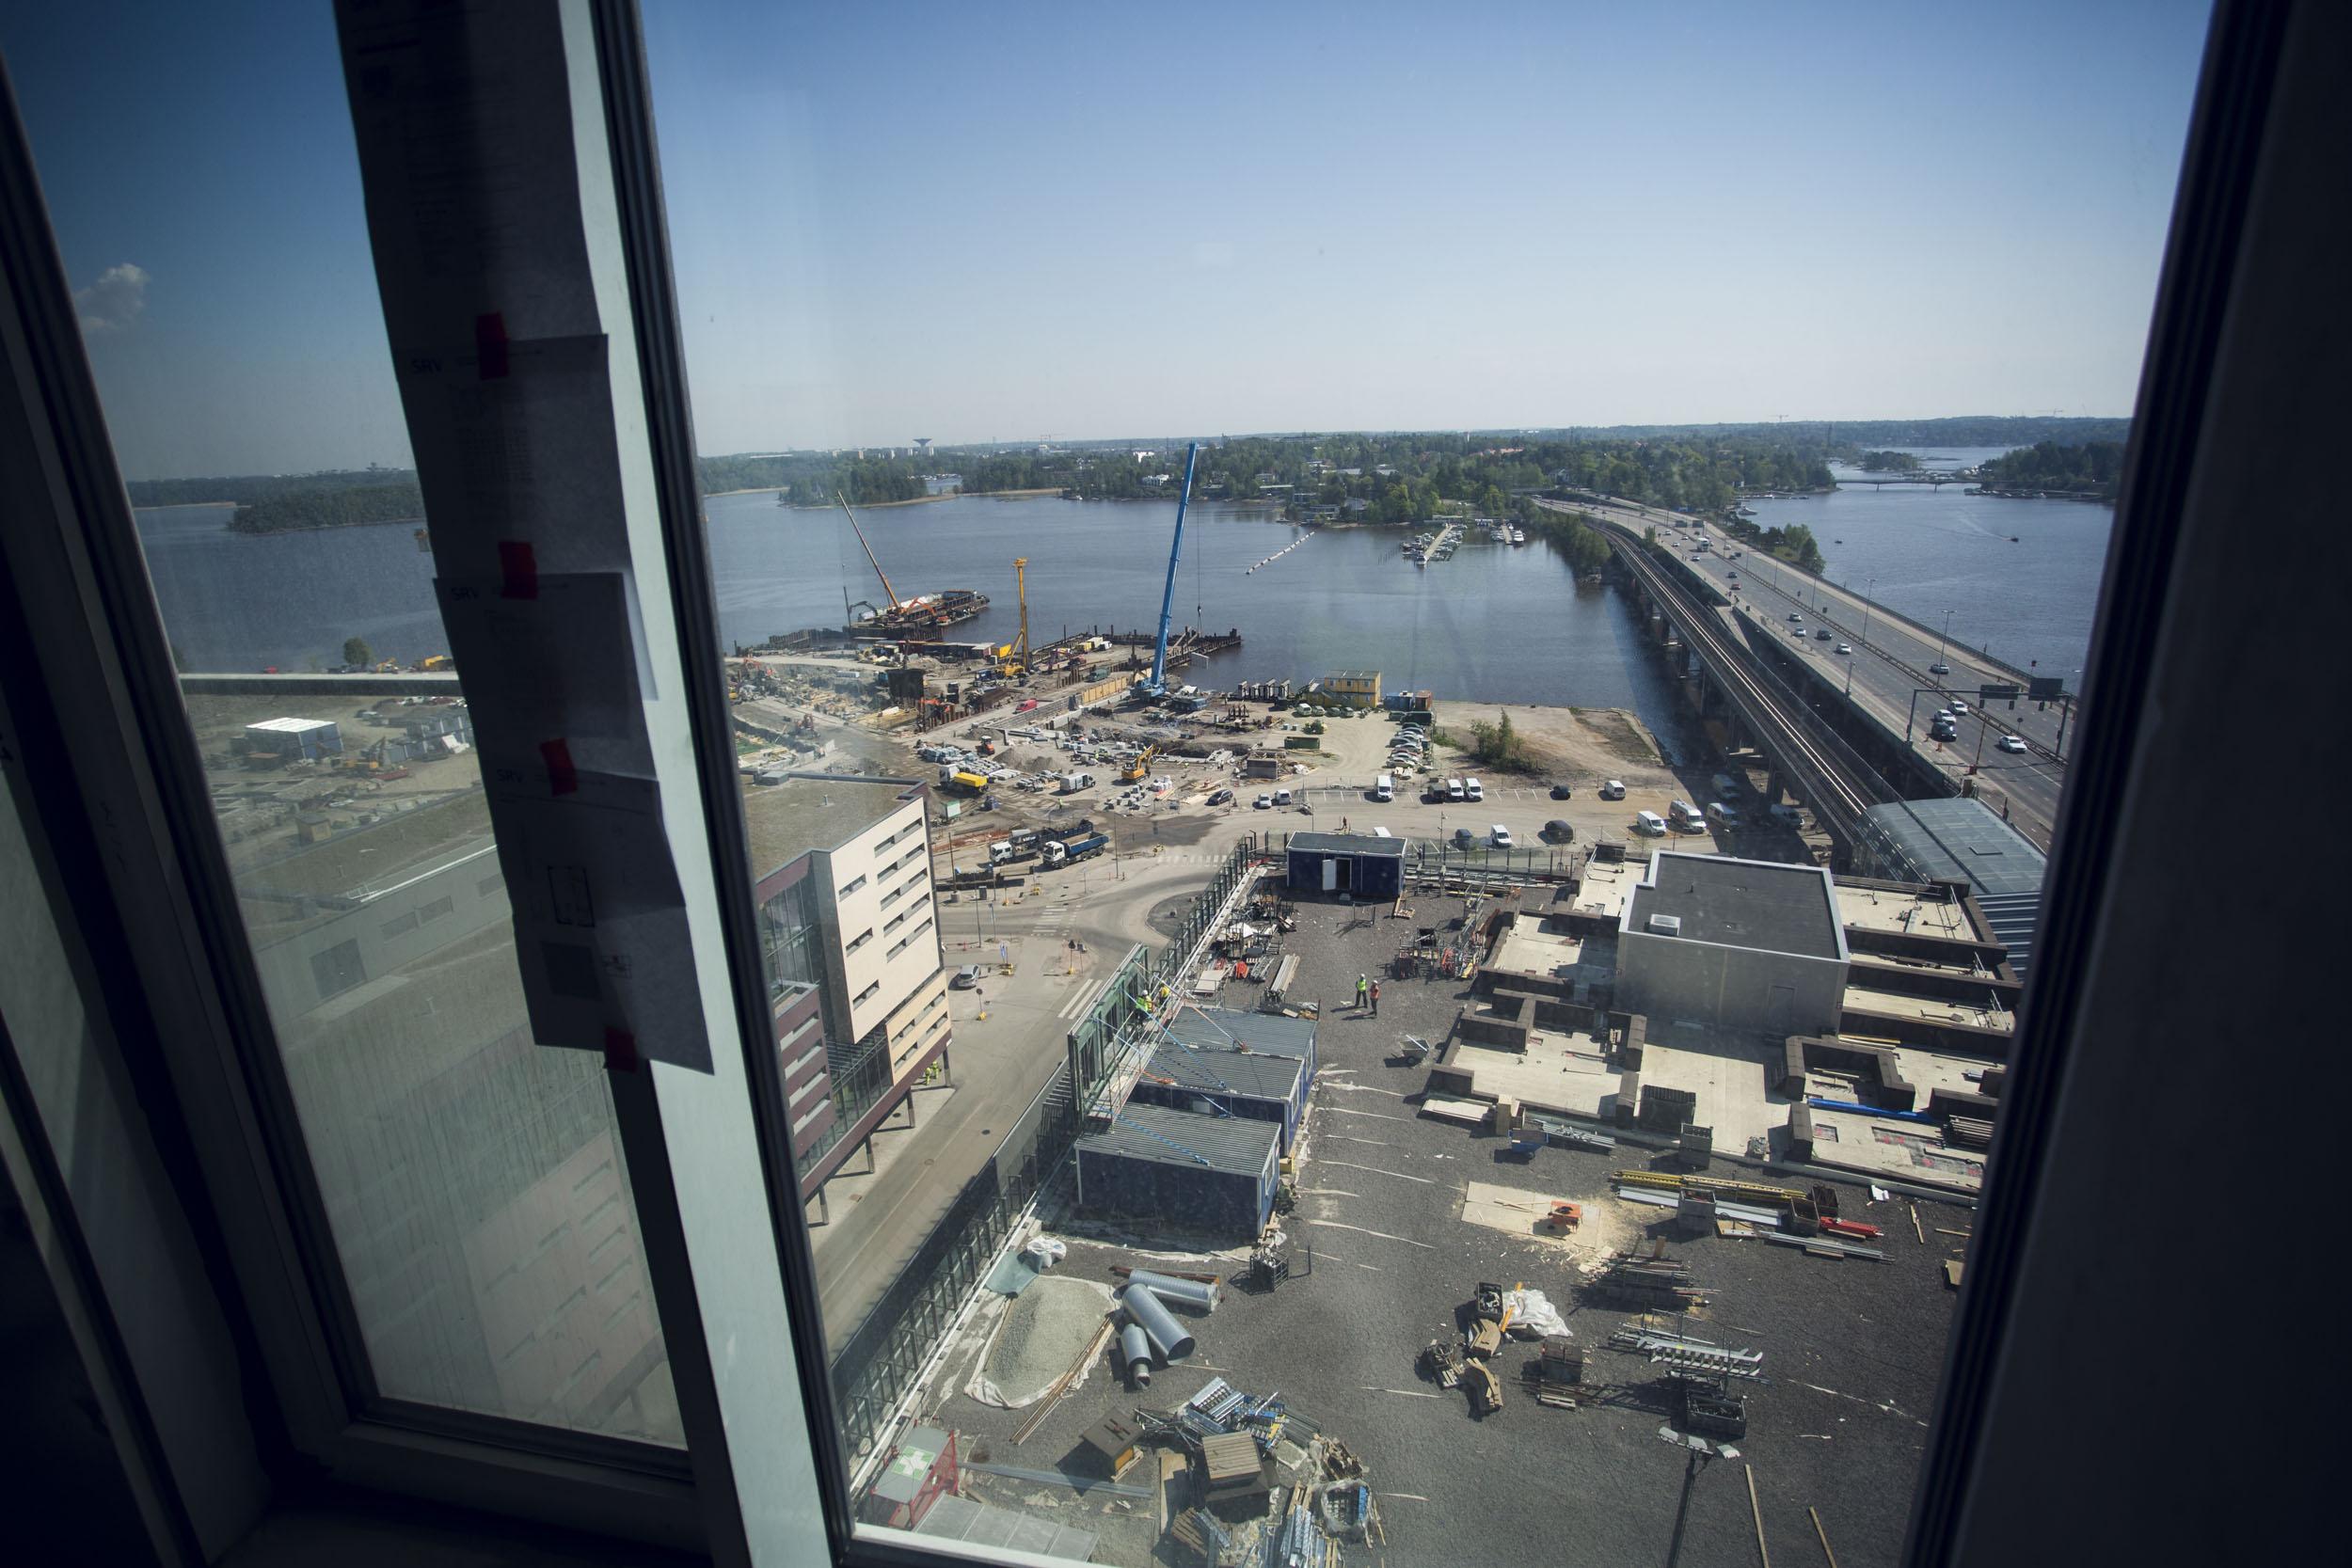 Ylhäältä näkee rakentuvan Kalasataman sekä suoraan vastapäätä asuintorni Loisteen perustukset. Kontrasti on iso: Kulosaaren sillan toisella puolella alkaa metsälähiö.